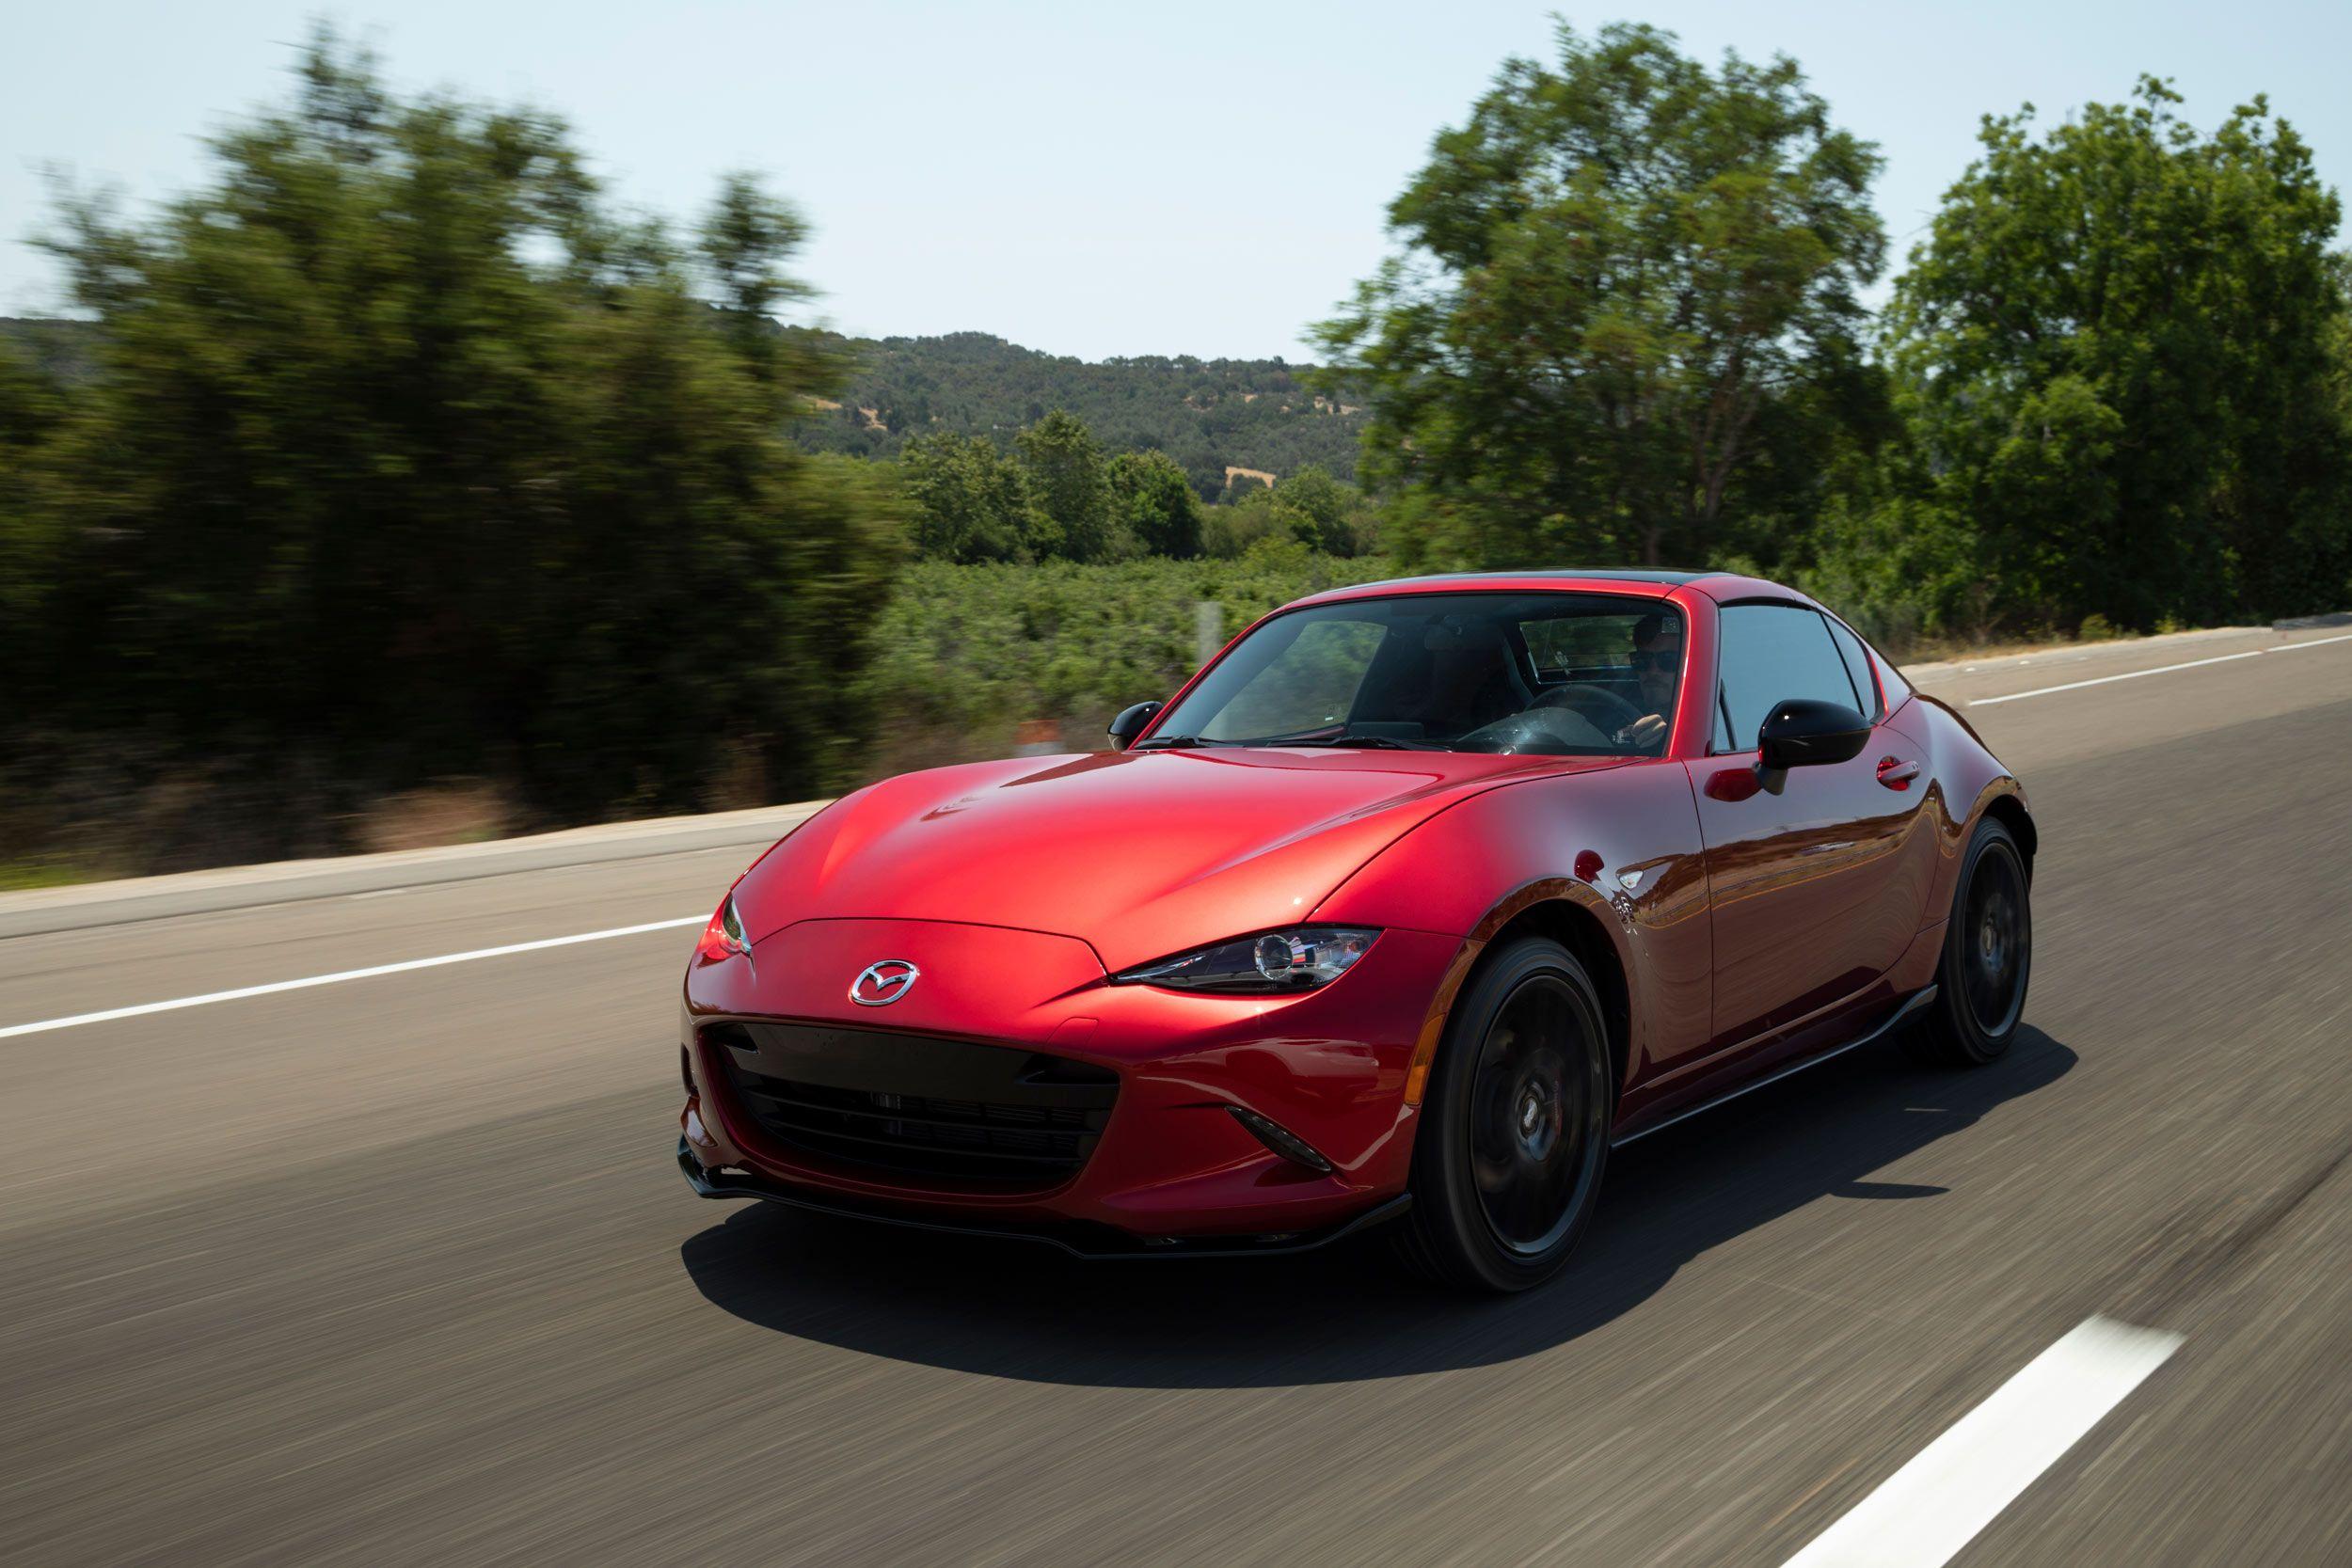 2020 Mazda Miata Ratings